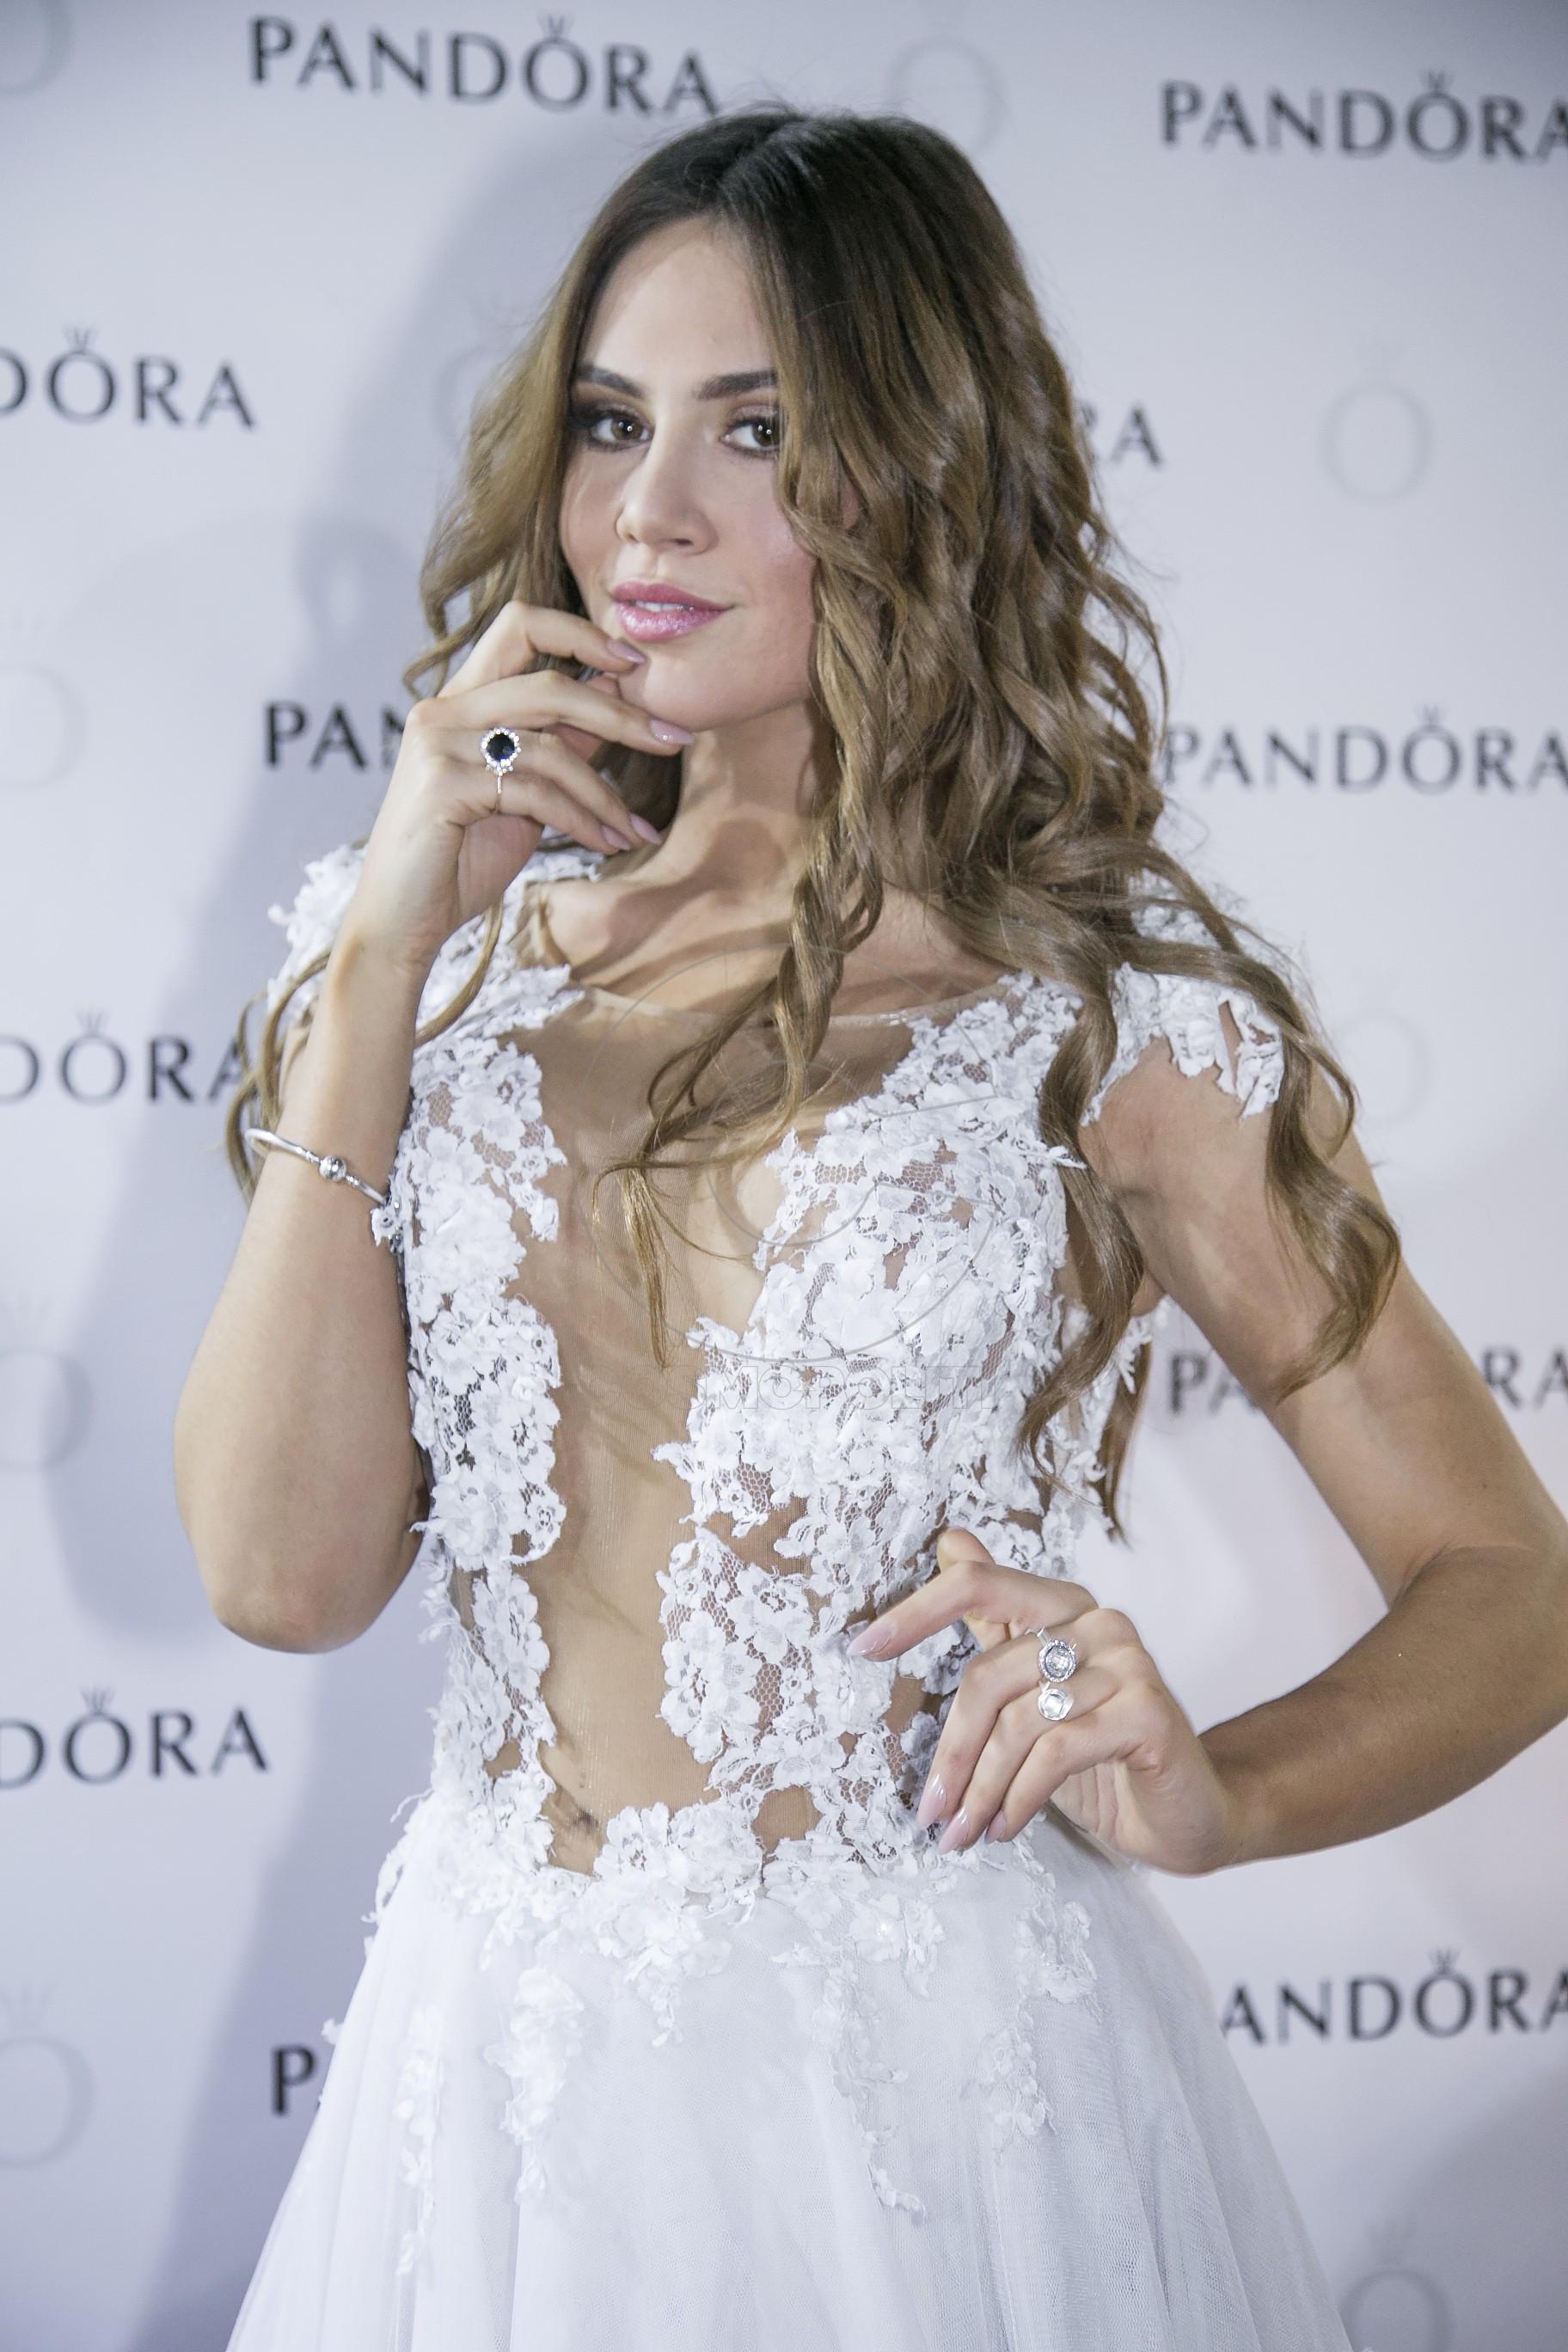 PANDORA (4)